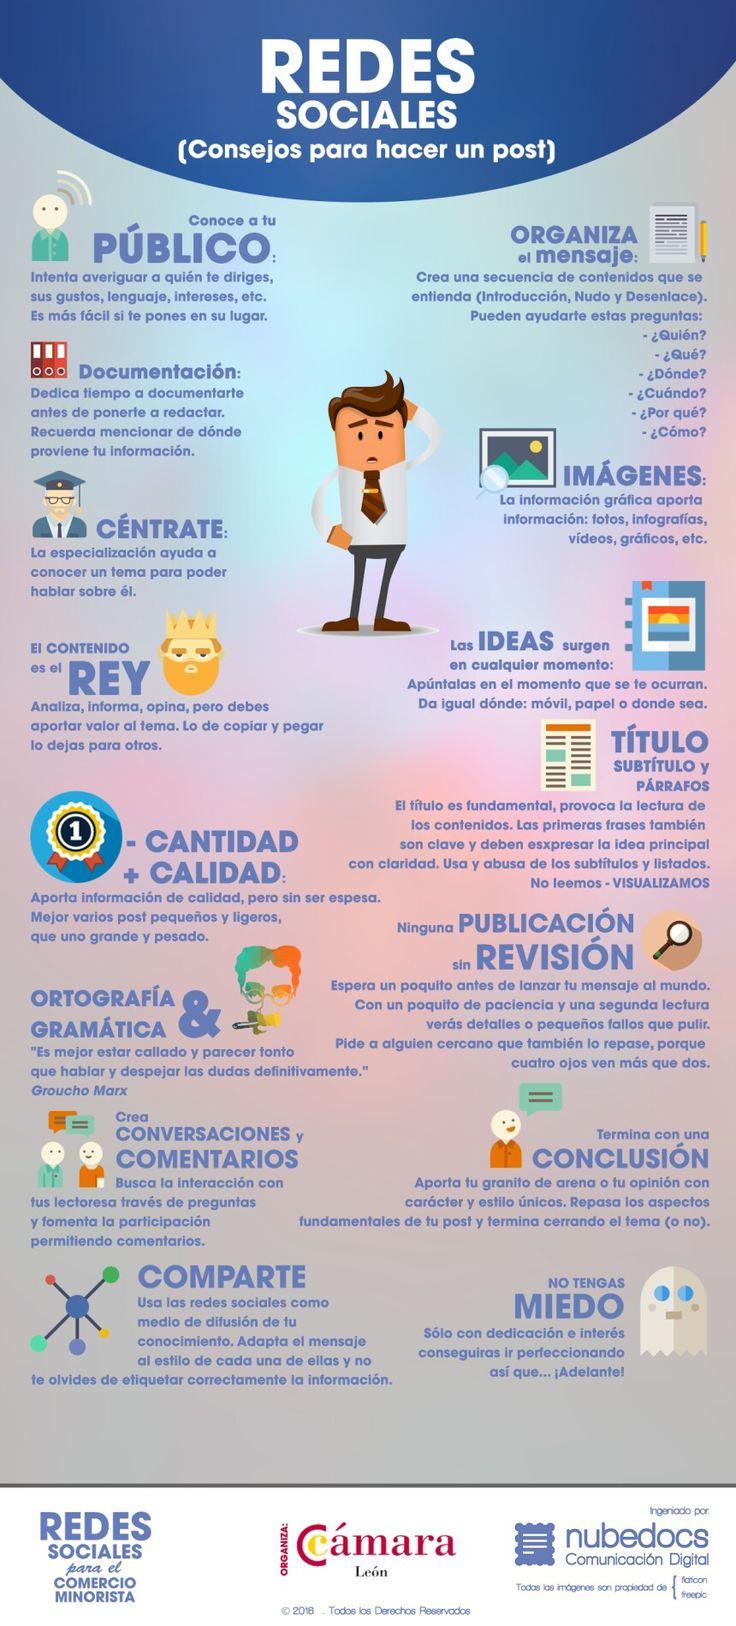 Consejos para hacer un post en redes sociales... #SocialMediaOP #SocialMedia #Marketing